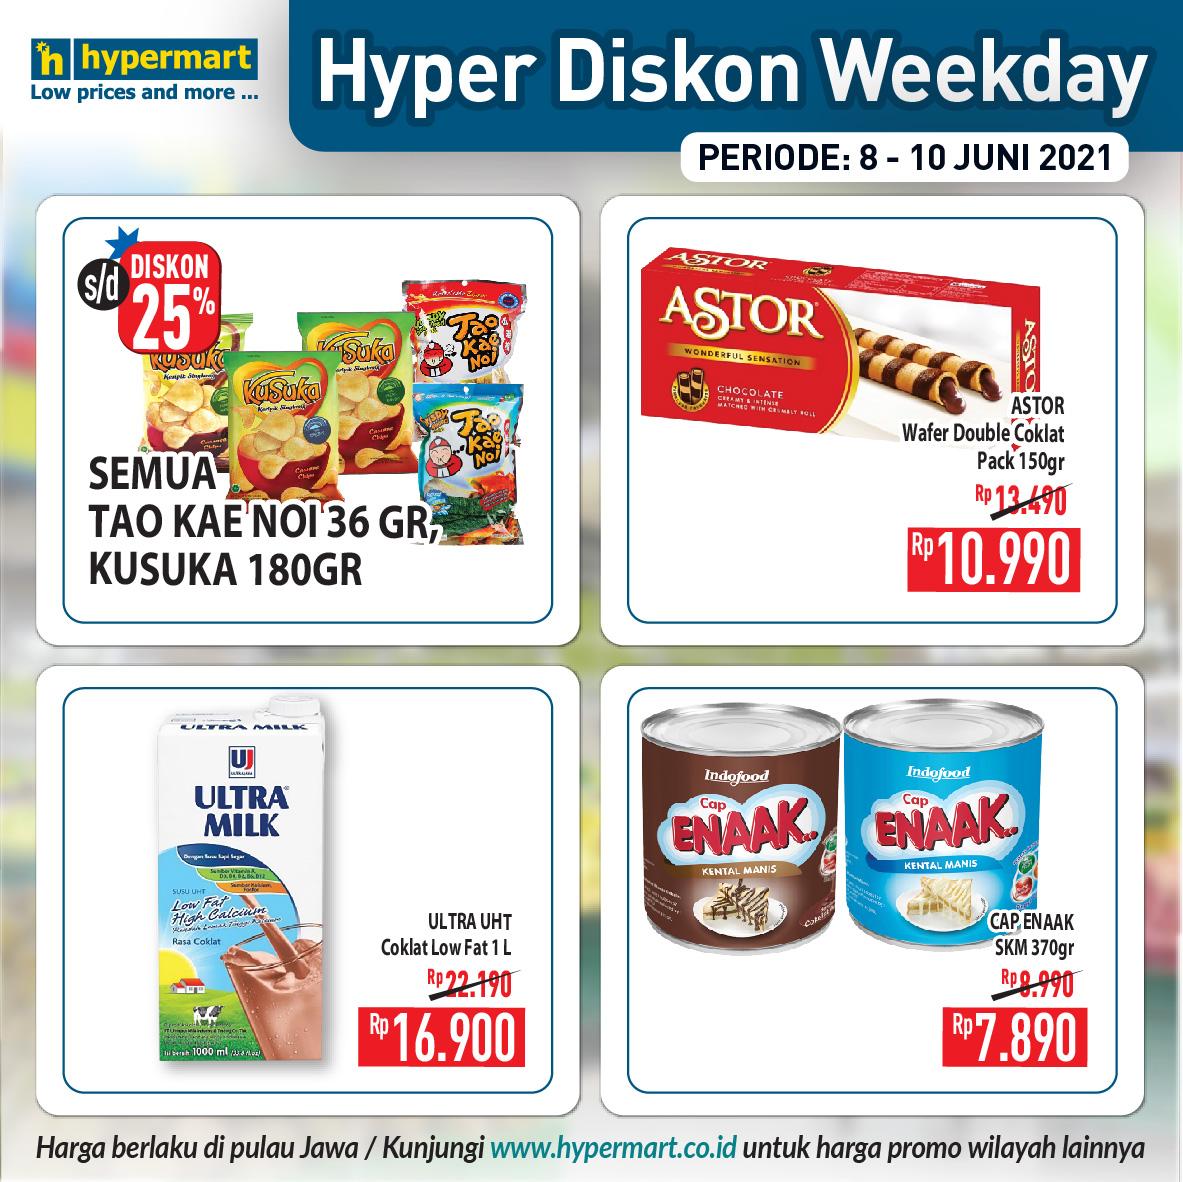 Katalog Hypermart Promo Weekday periode 08-10 Juni 2021